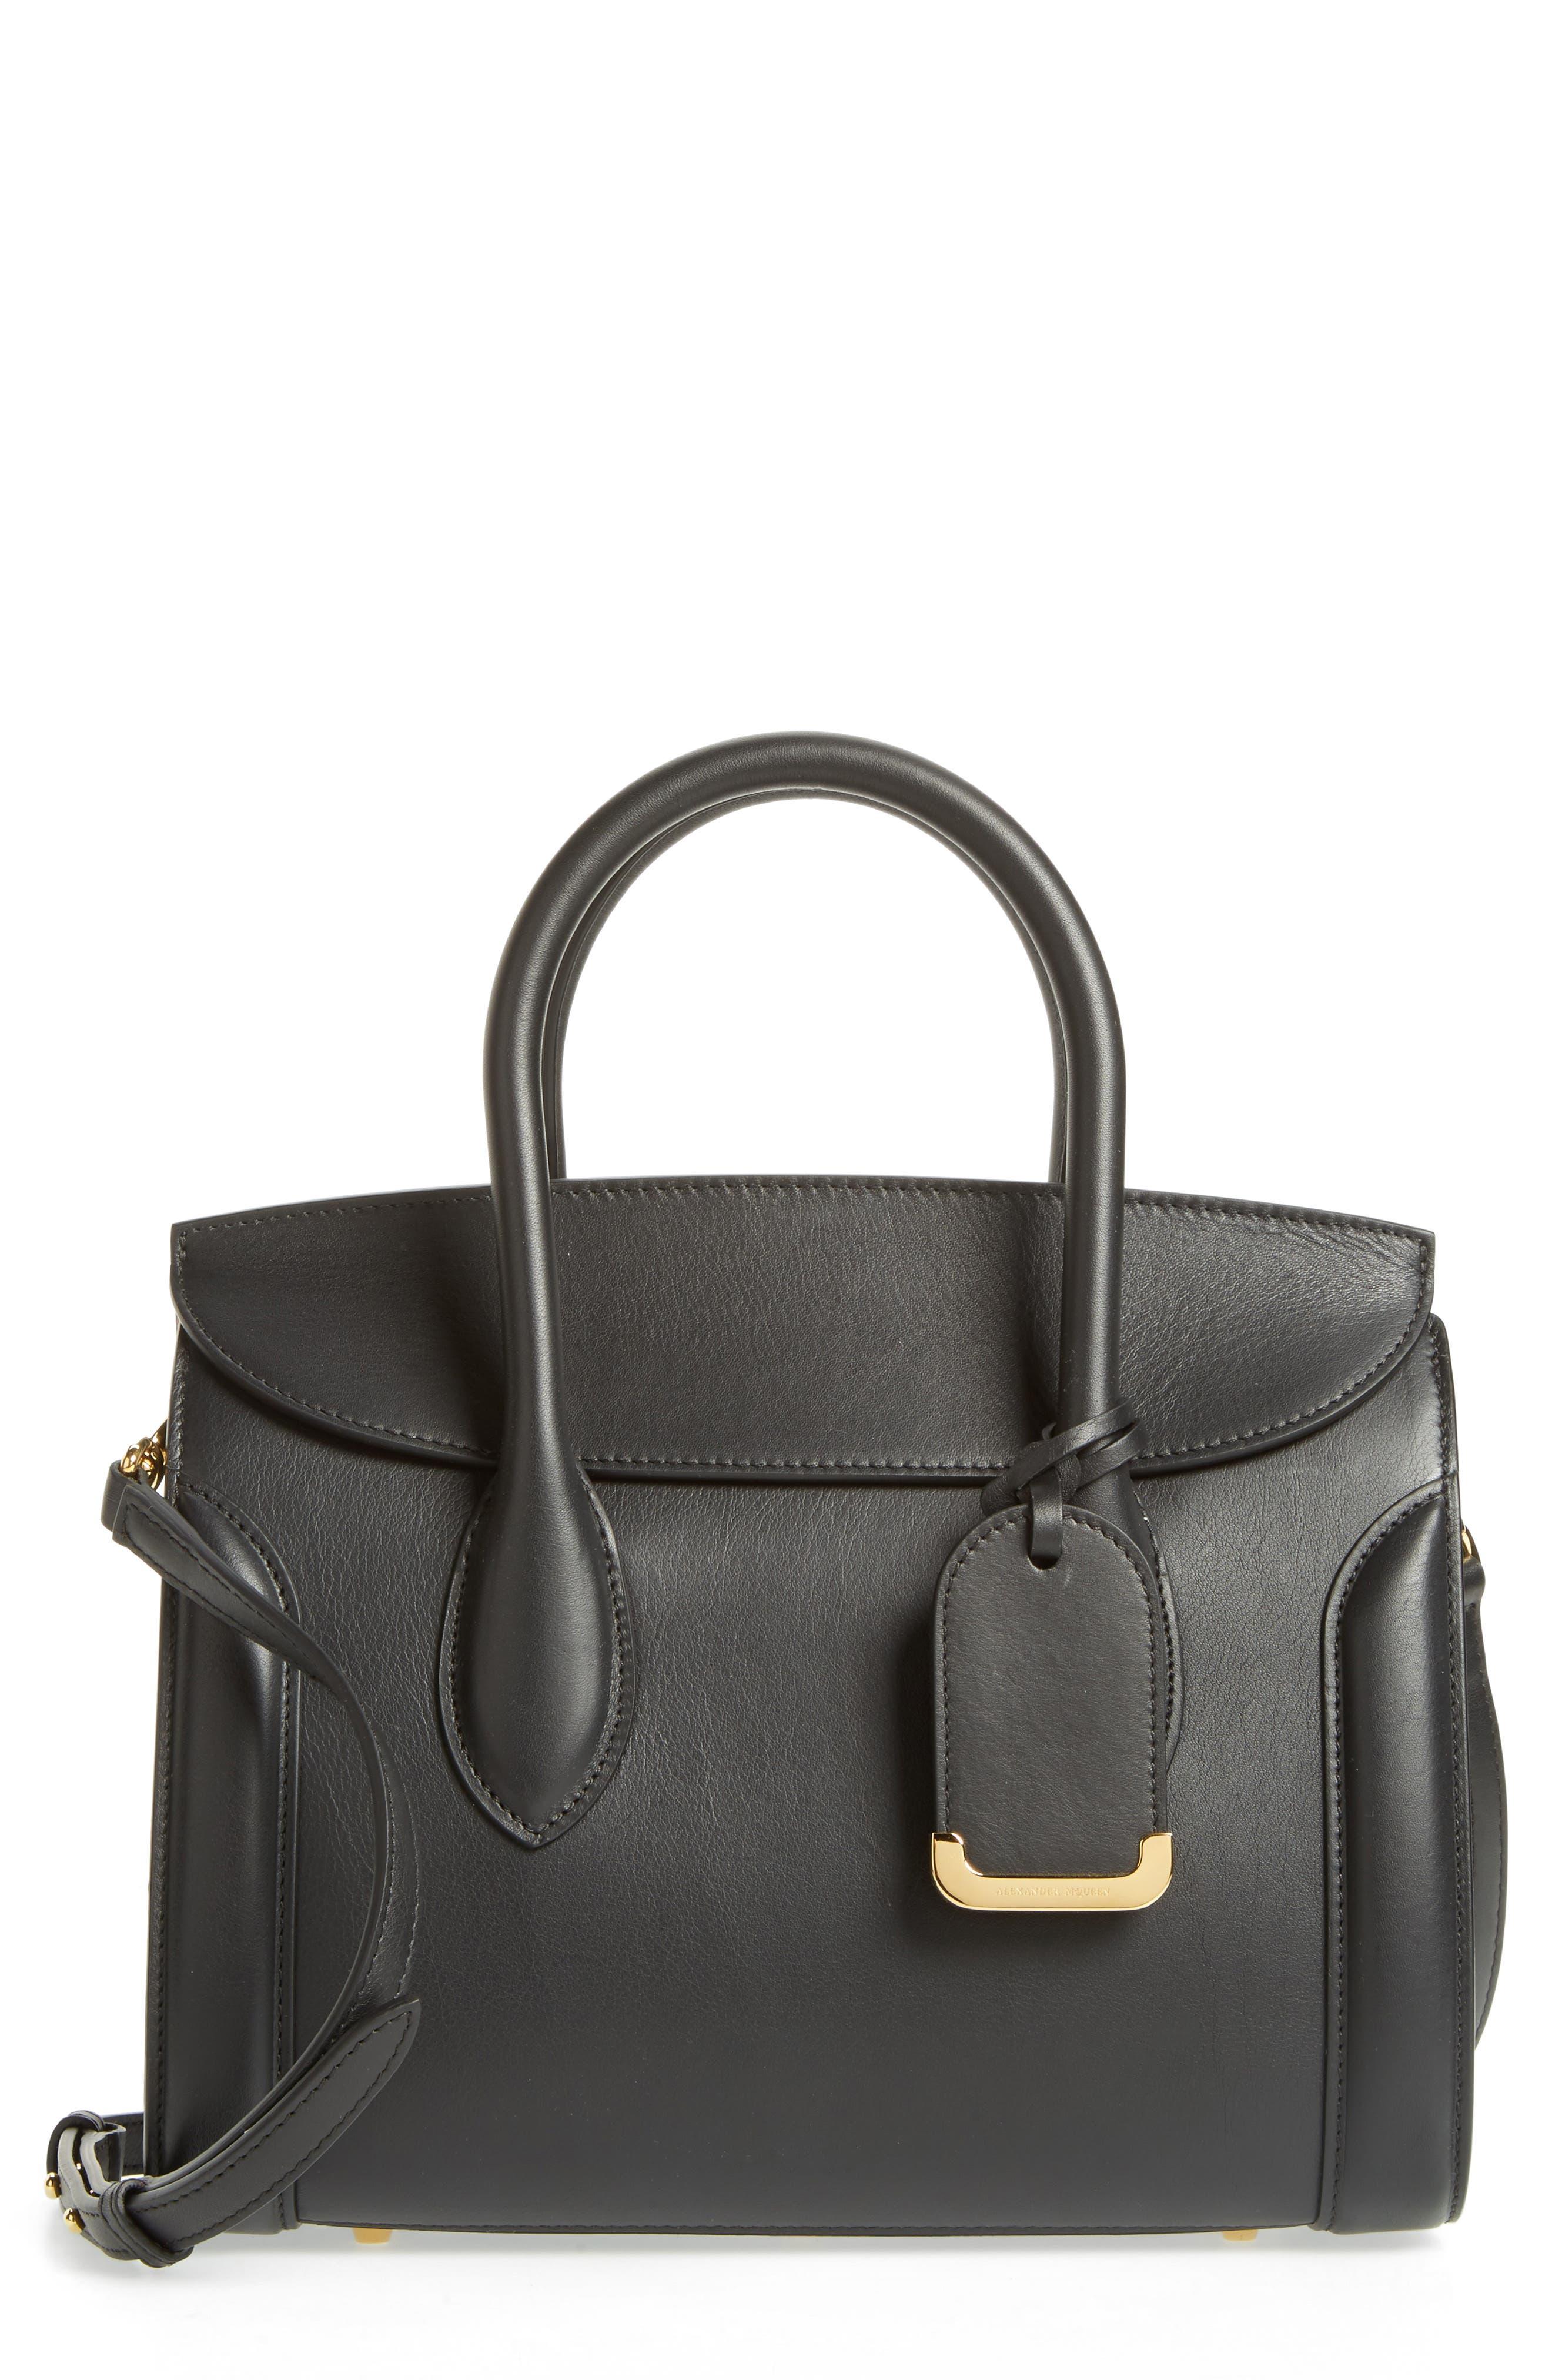 Alexander McQueen Heroine 30 Sweet Calfskin Leather Shopper